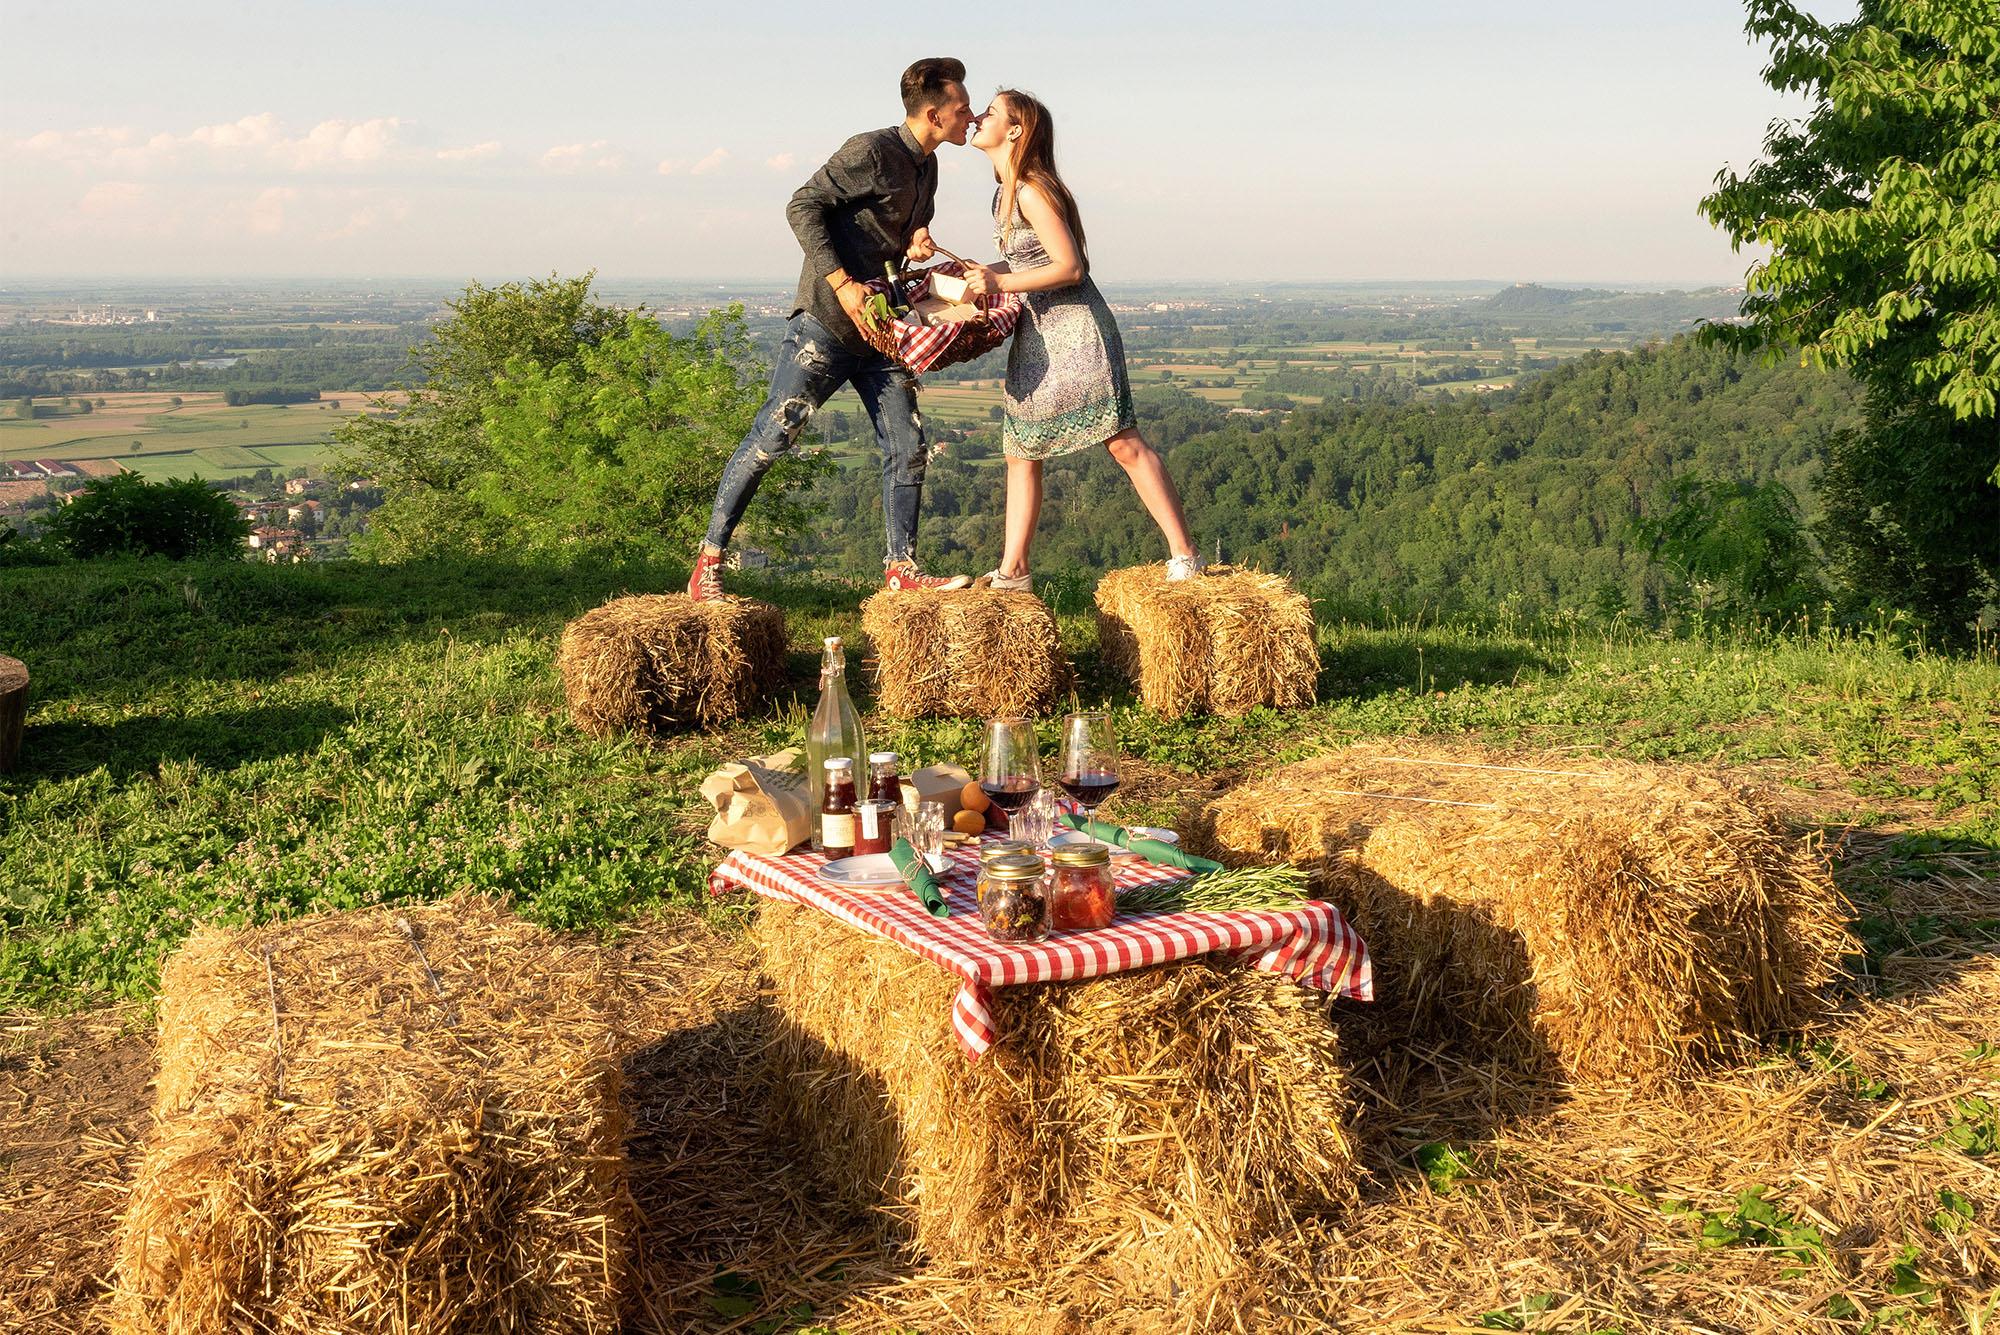 Agriturismo Parco del Grep - Monferrato, Piemonte - Il picnic alle Torri del Grep